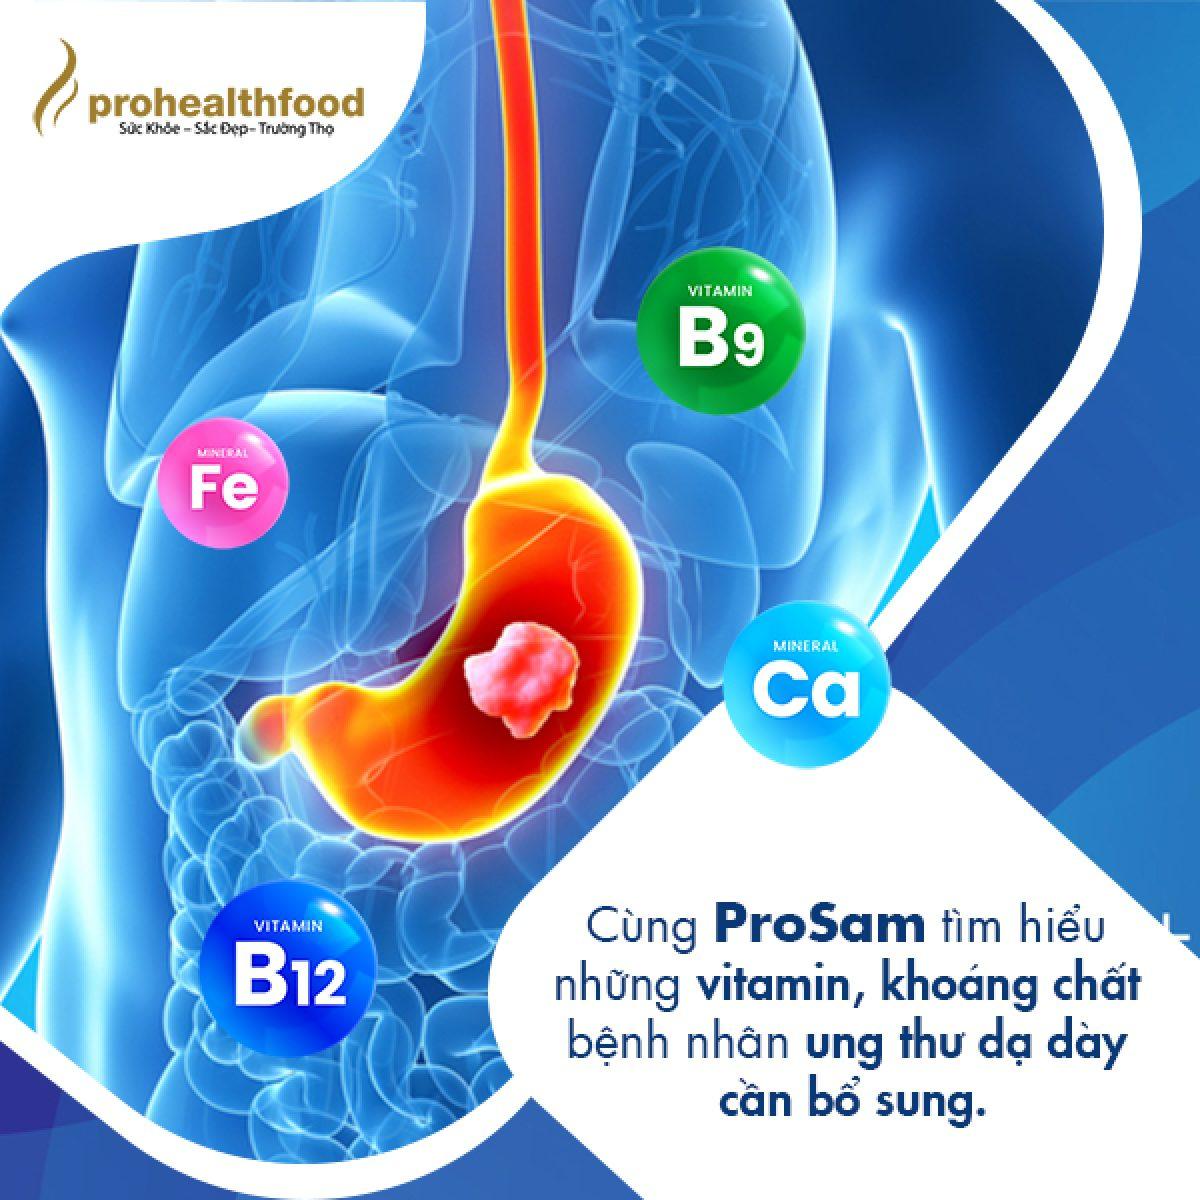 Cùng ProSam tìm hiểu những vitamin, khoáng chất mà bệnh nhân ung thư dạ dày cần bổ sung.